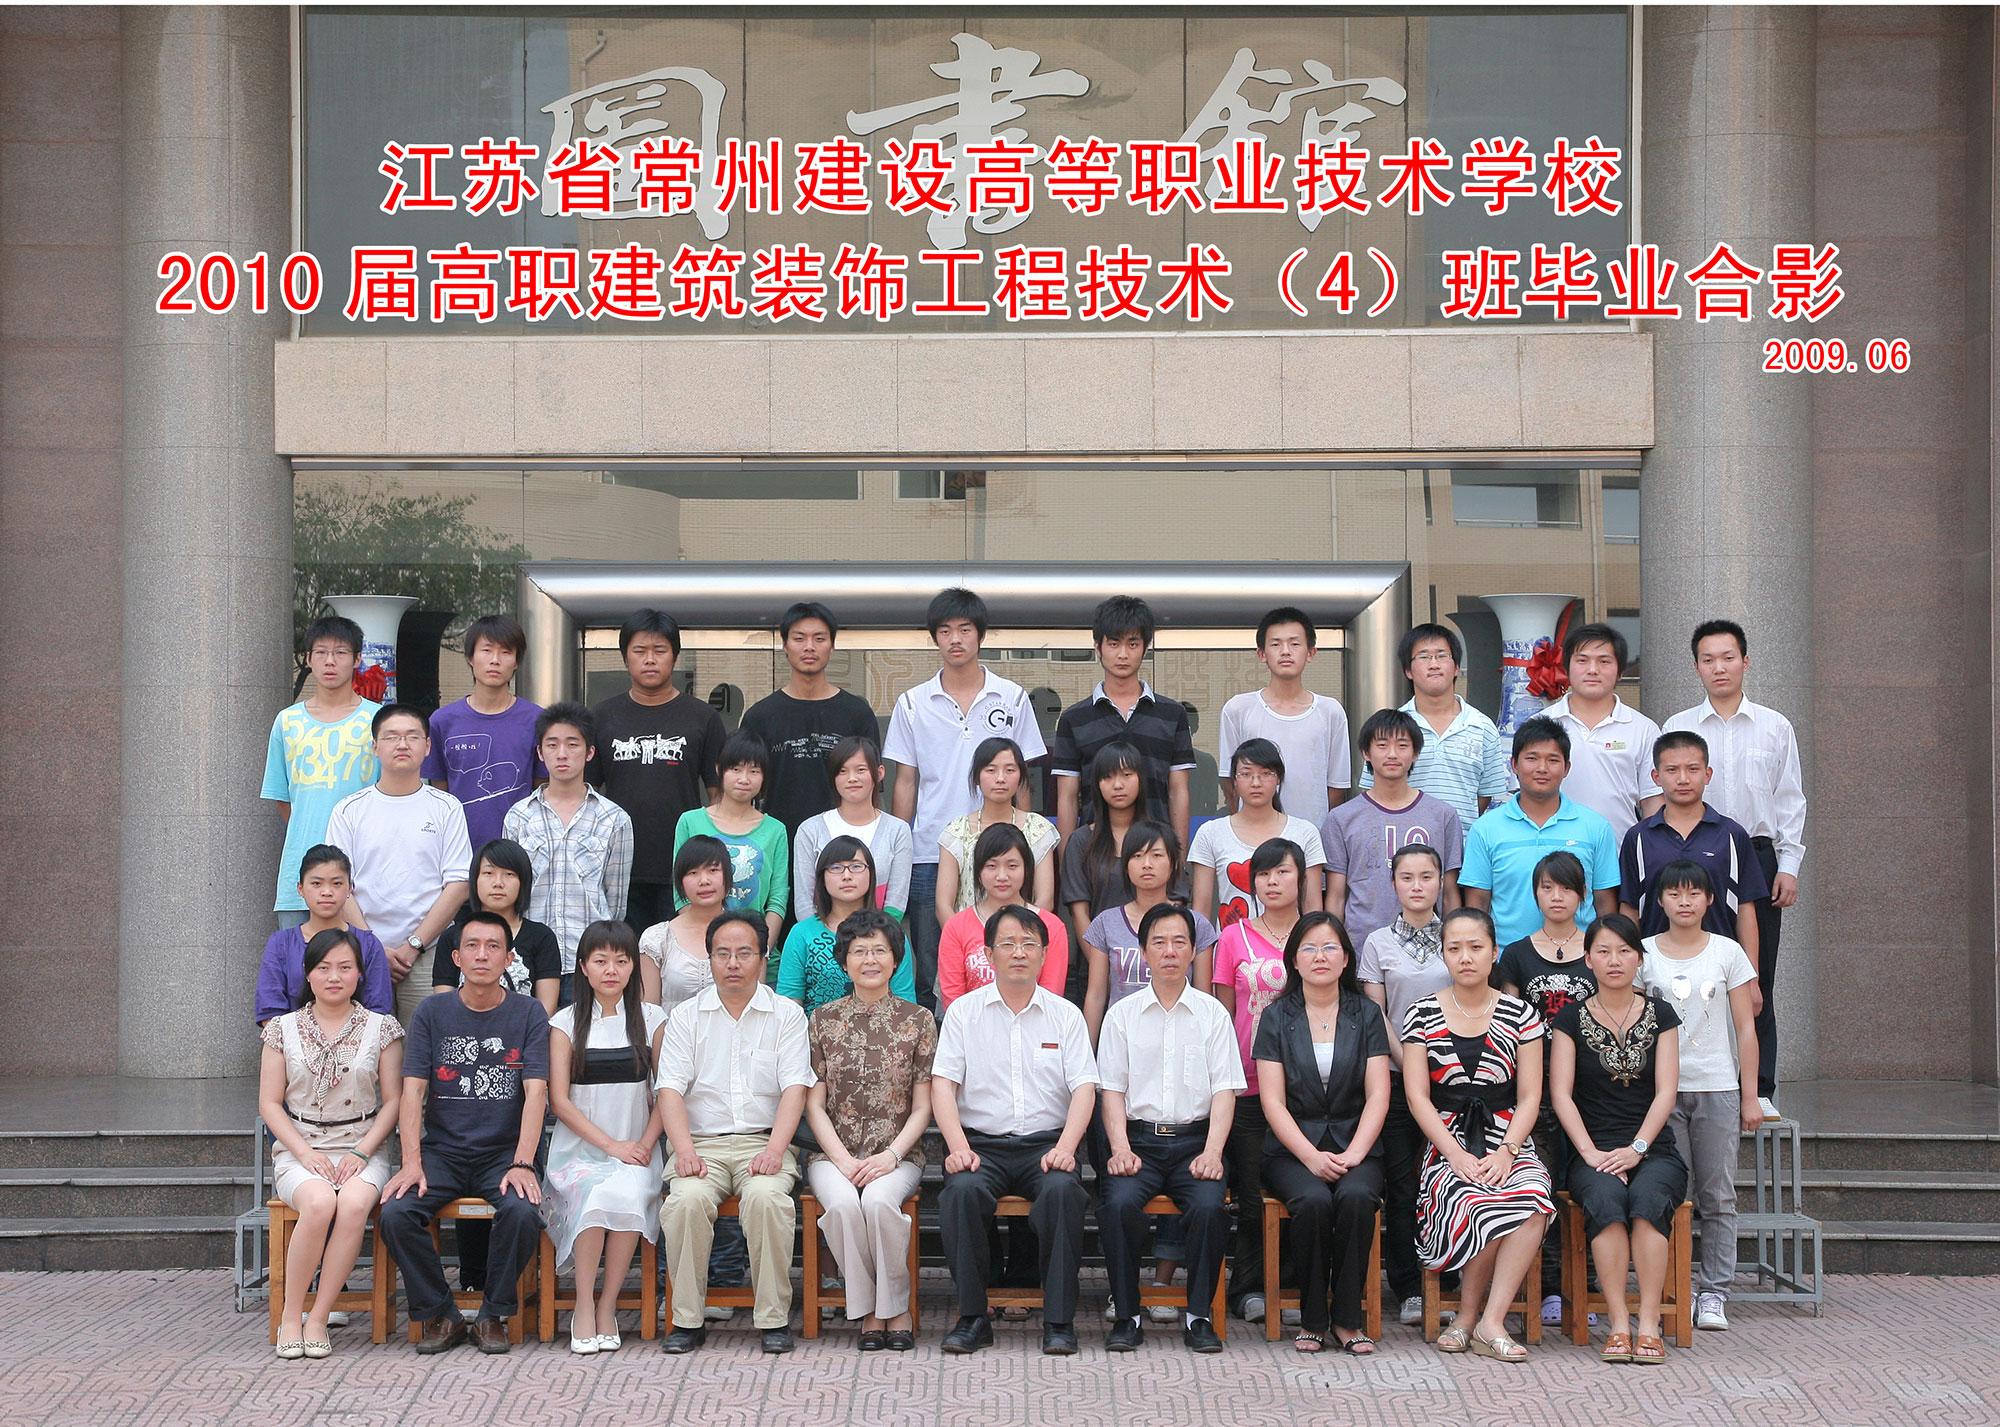 2010届高职建筑装饰工程技术(4)...